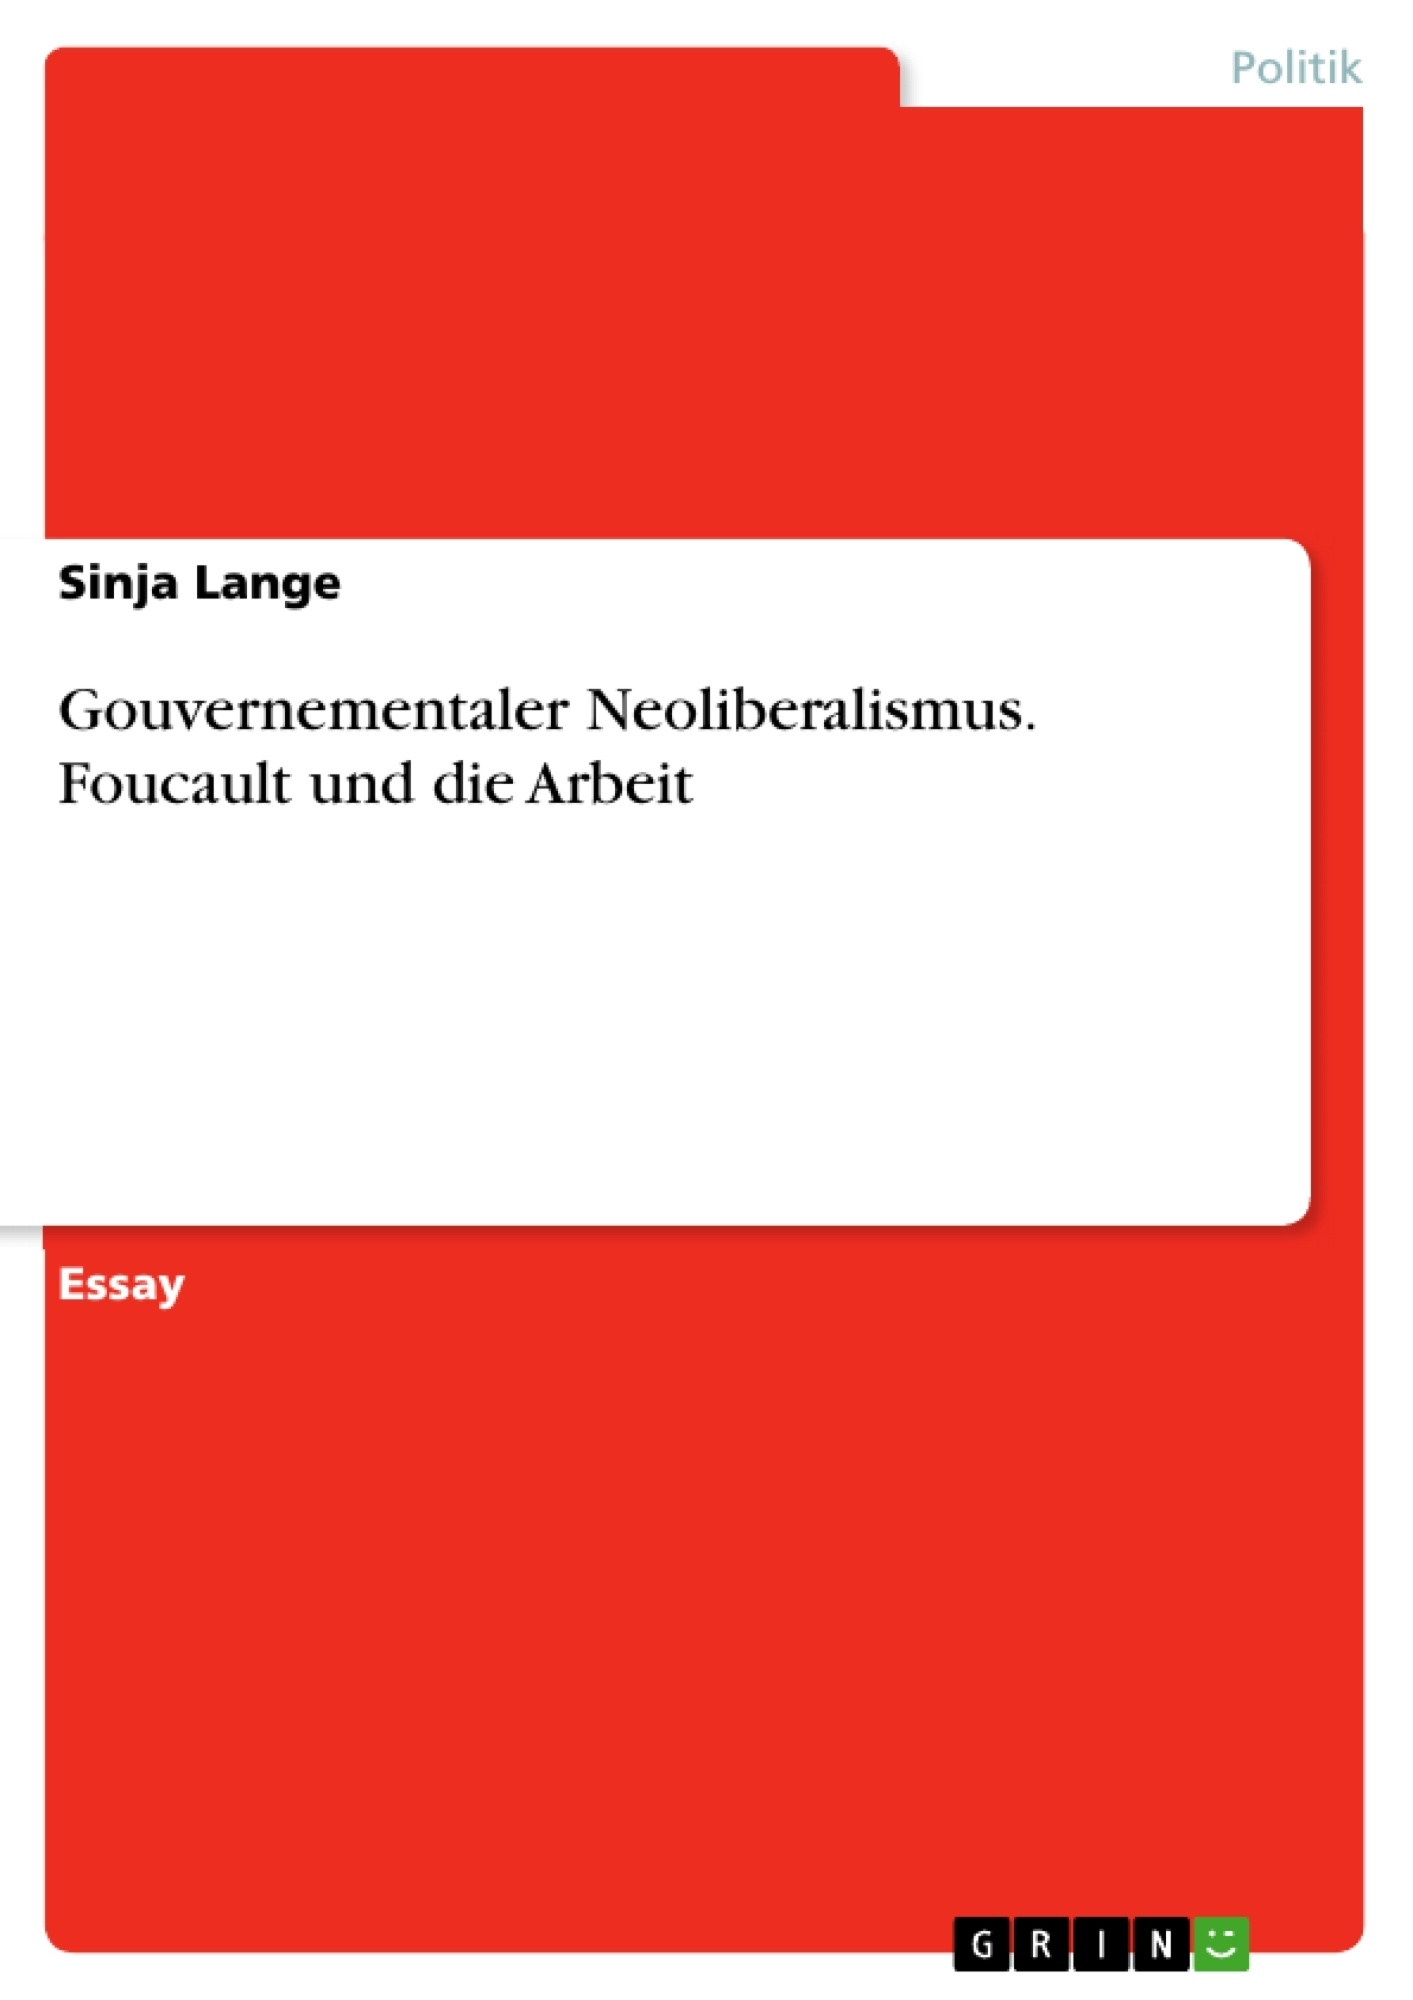 Titel: Gouvernementaler Neoliberalismus. Foucault und die Arbeit